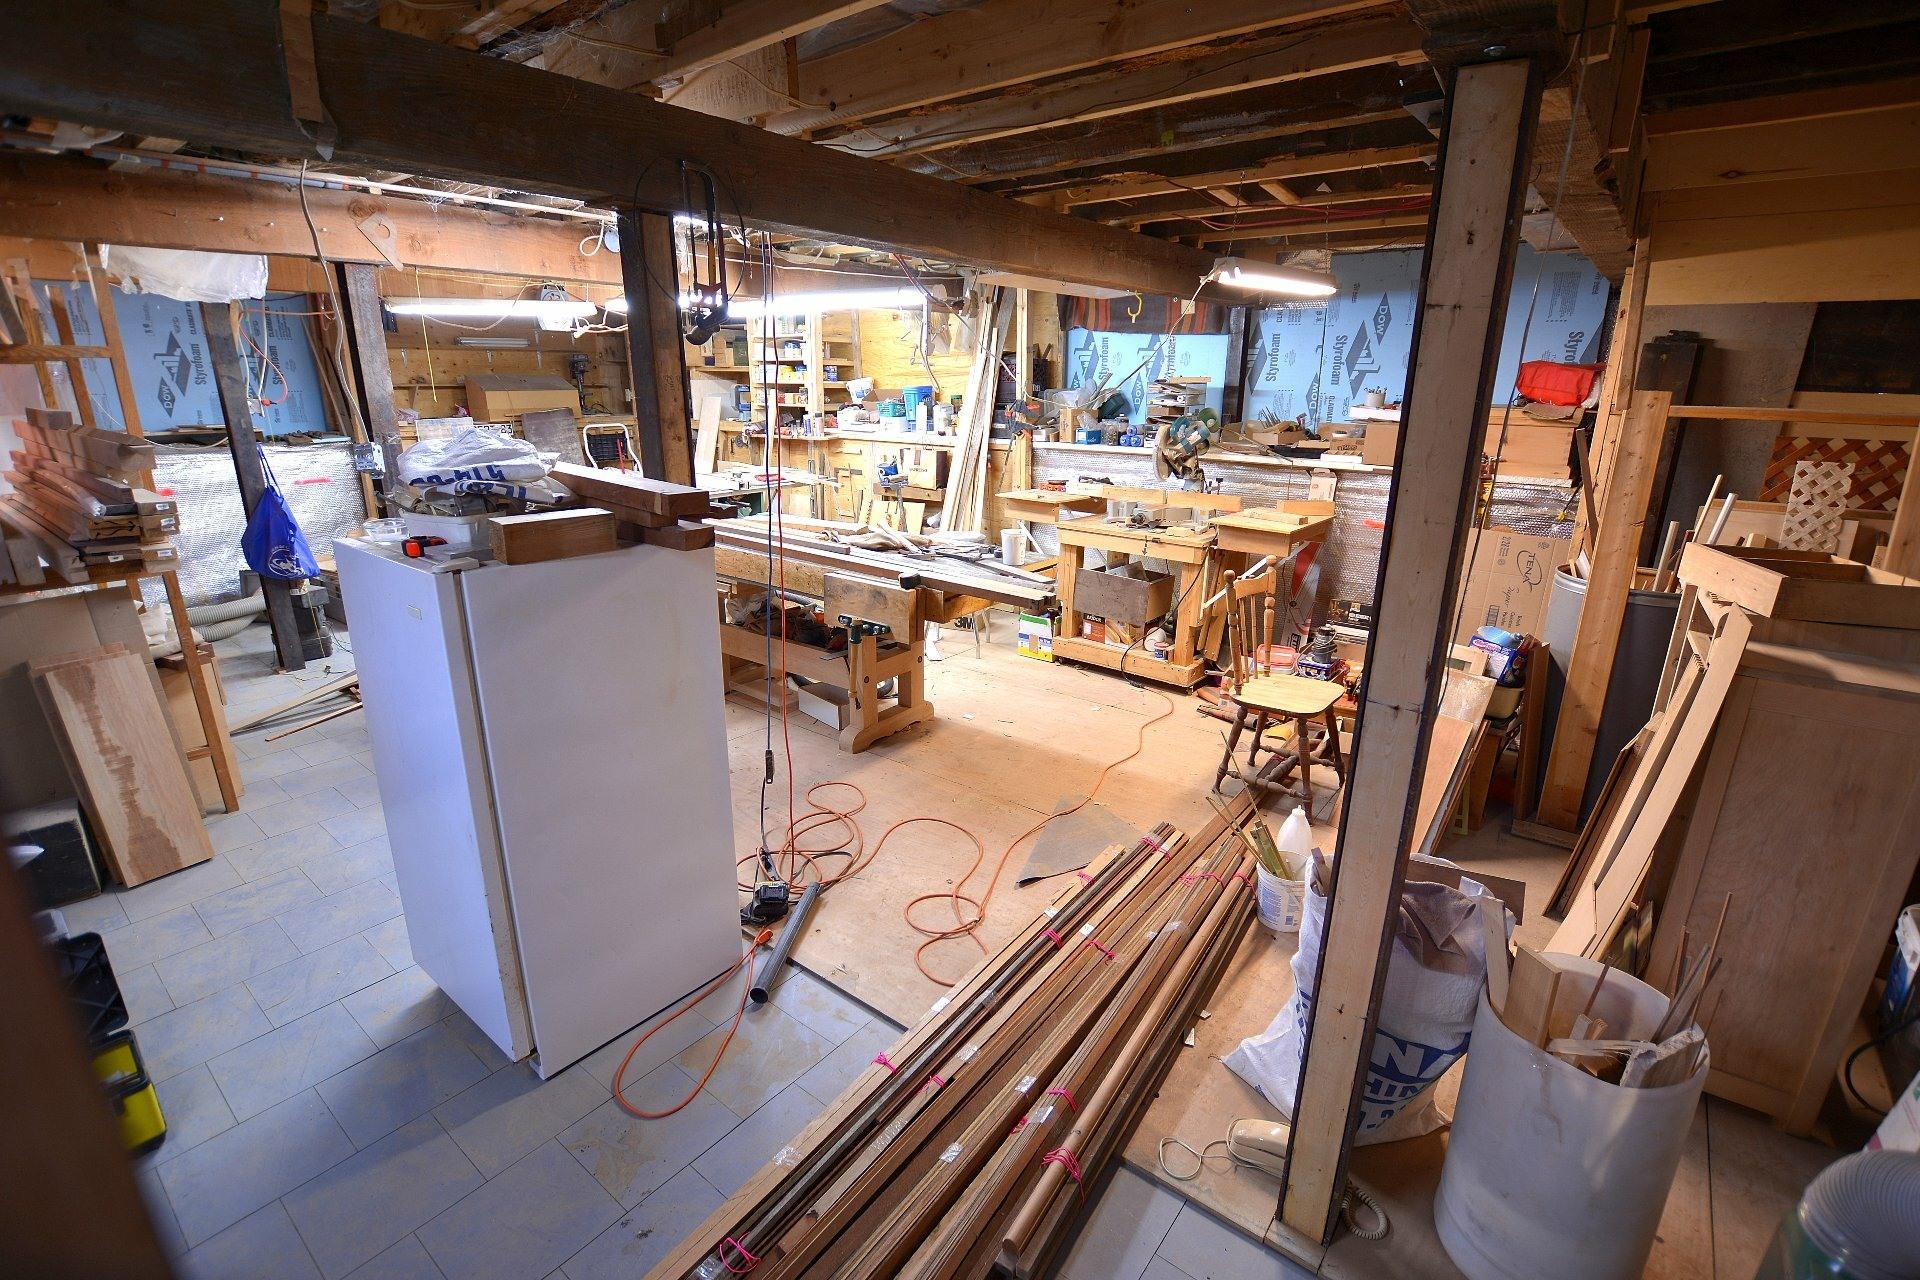 image 31 - House For sale Montréal Lachine  - 5 rooms